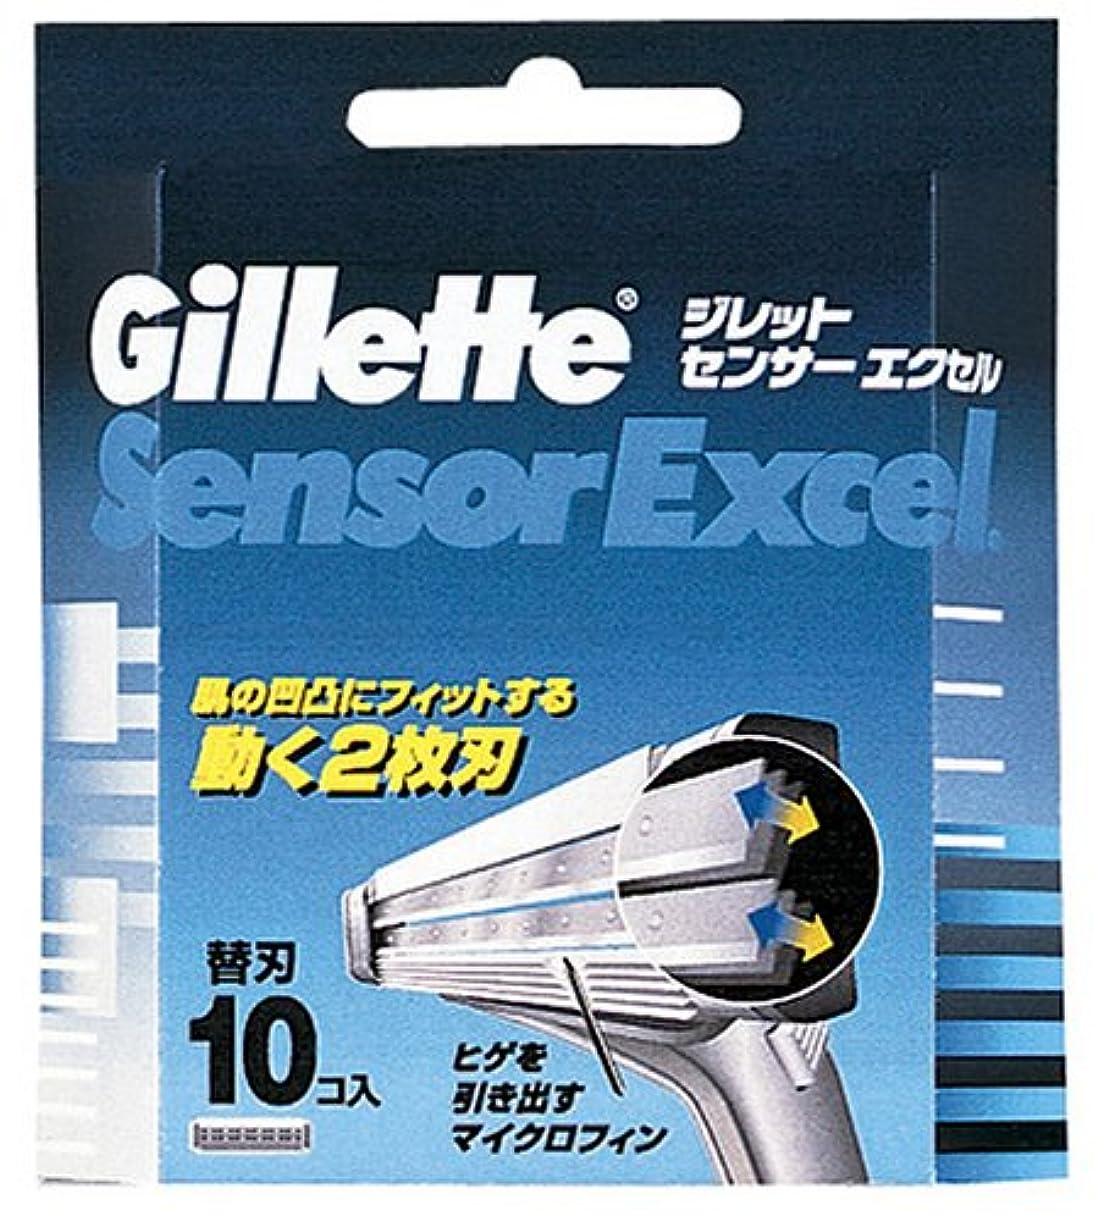 シチリア生きている世論調査ジレット 髭剃り D58センサーエクセル専用替刃10個入